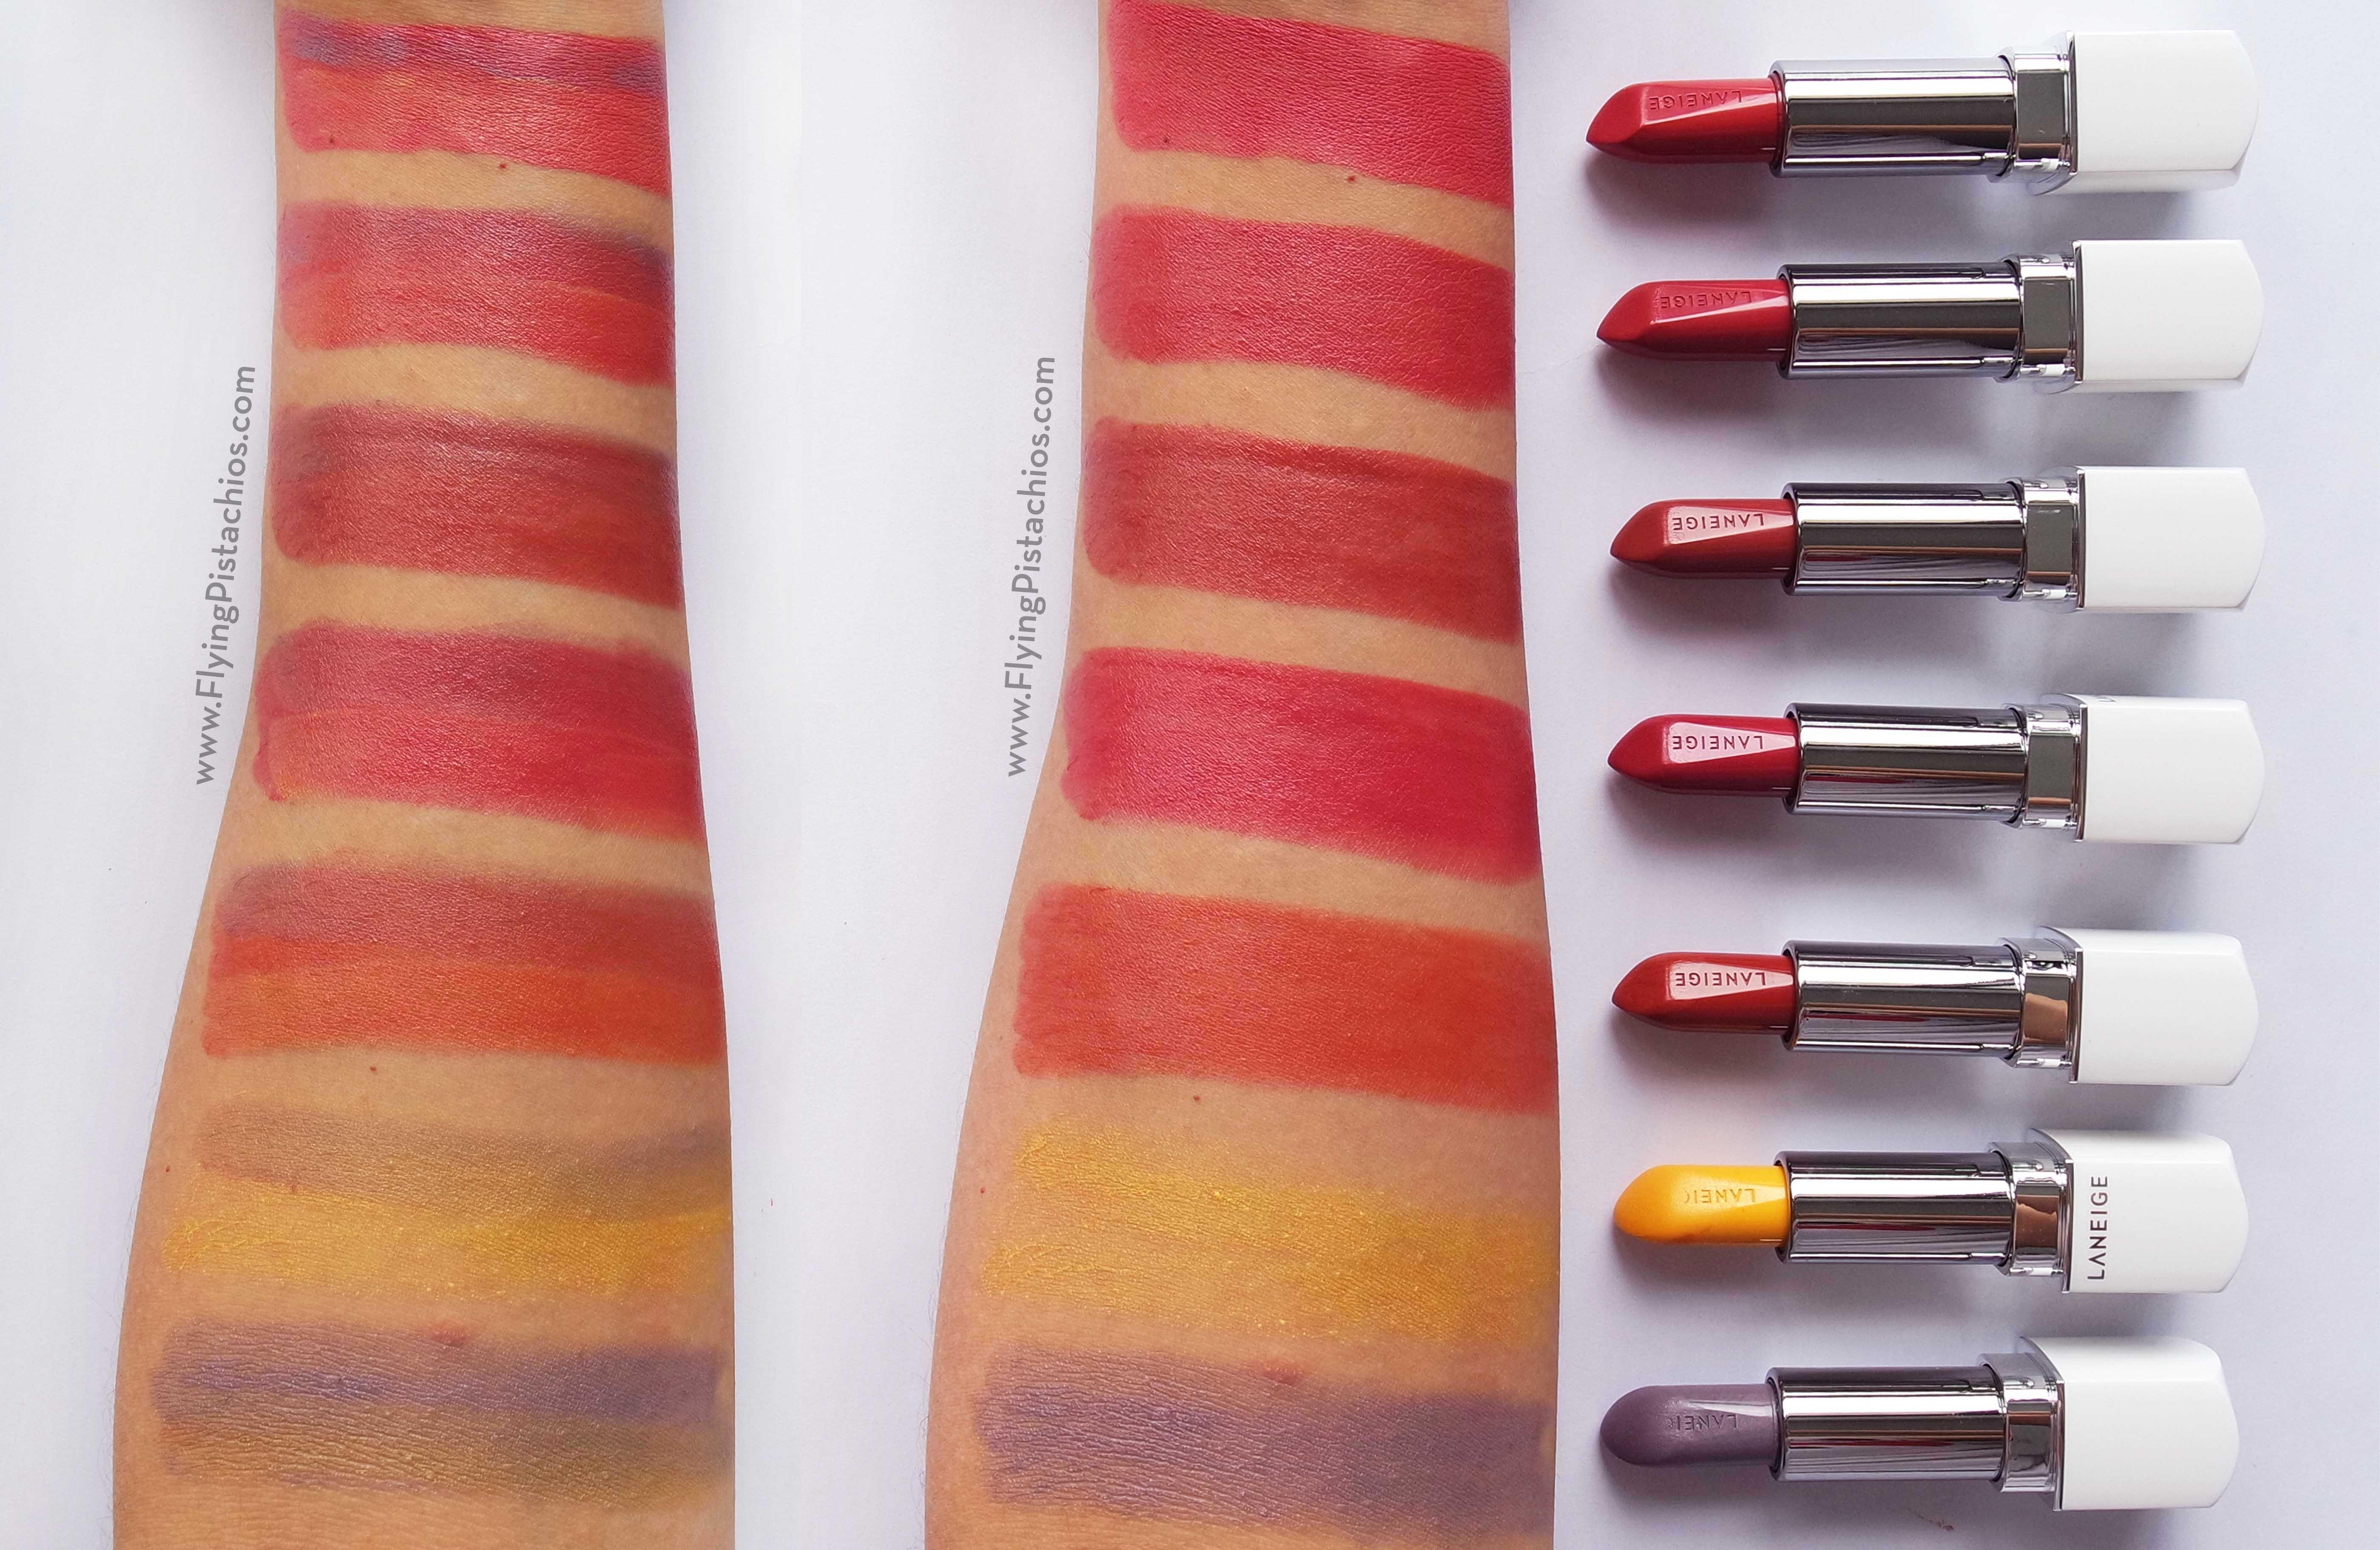 Silk Intense Lipstick Swatches